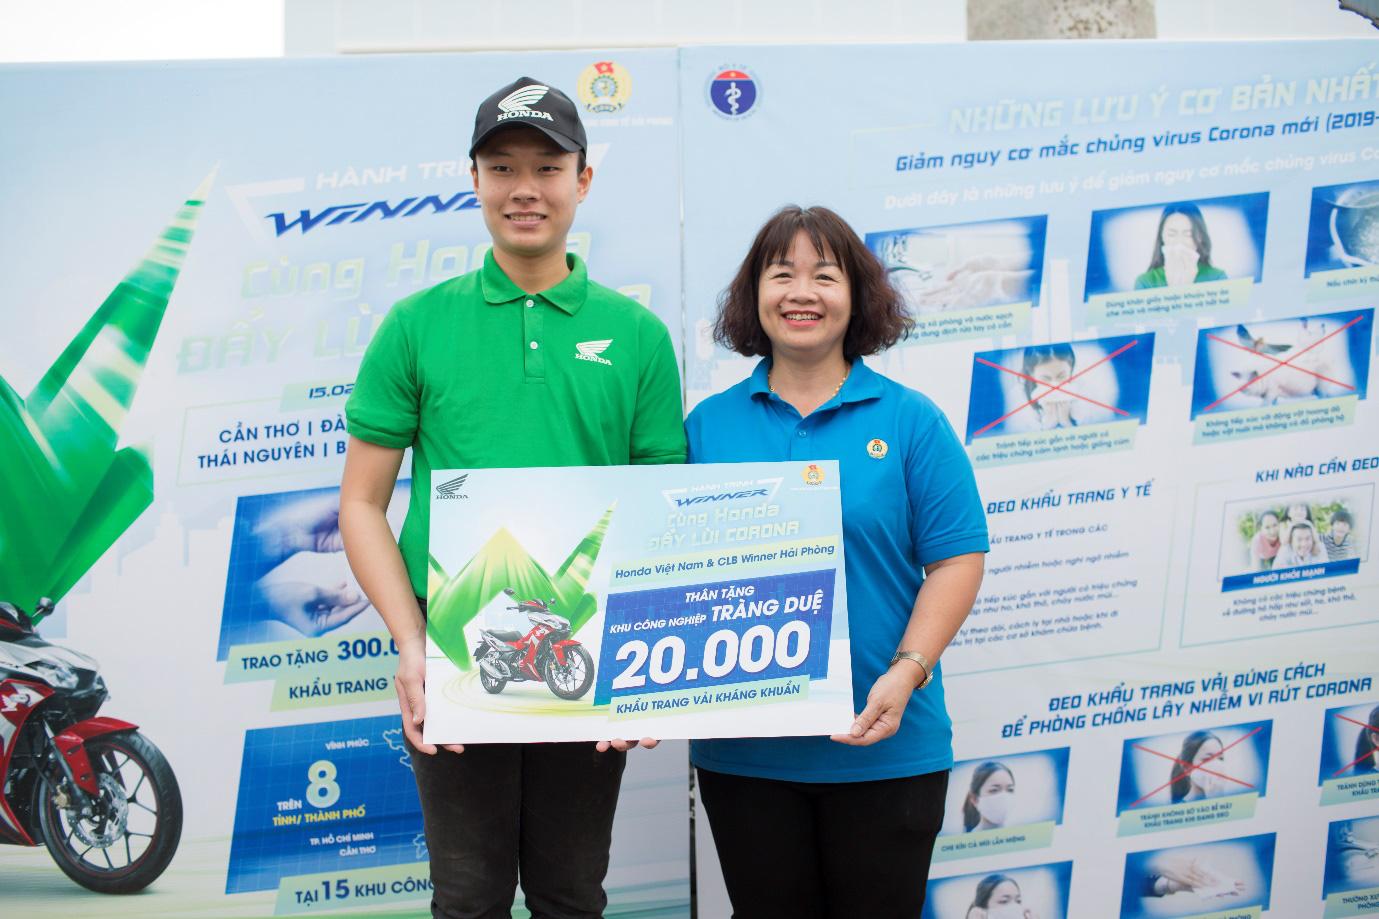 Hành trình Honda Winner chủ động phòng chống dịch COVID-19 cùng 120,000 công nhân - Ảnh 2.